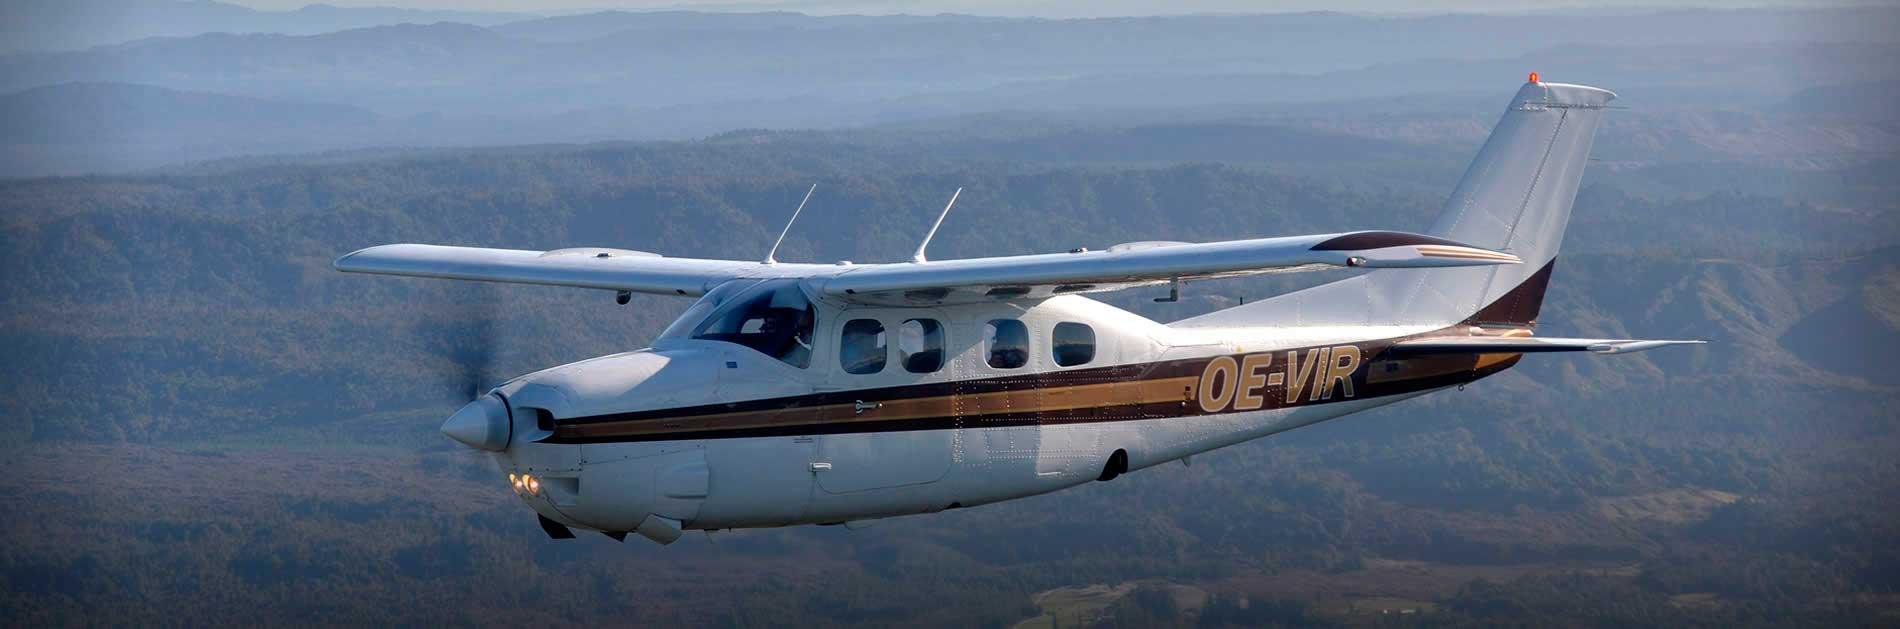 pilotenschule-salzburg-segelfluglizenzen-ultraleichtfluglizenzen-2